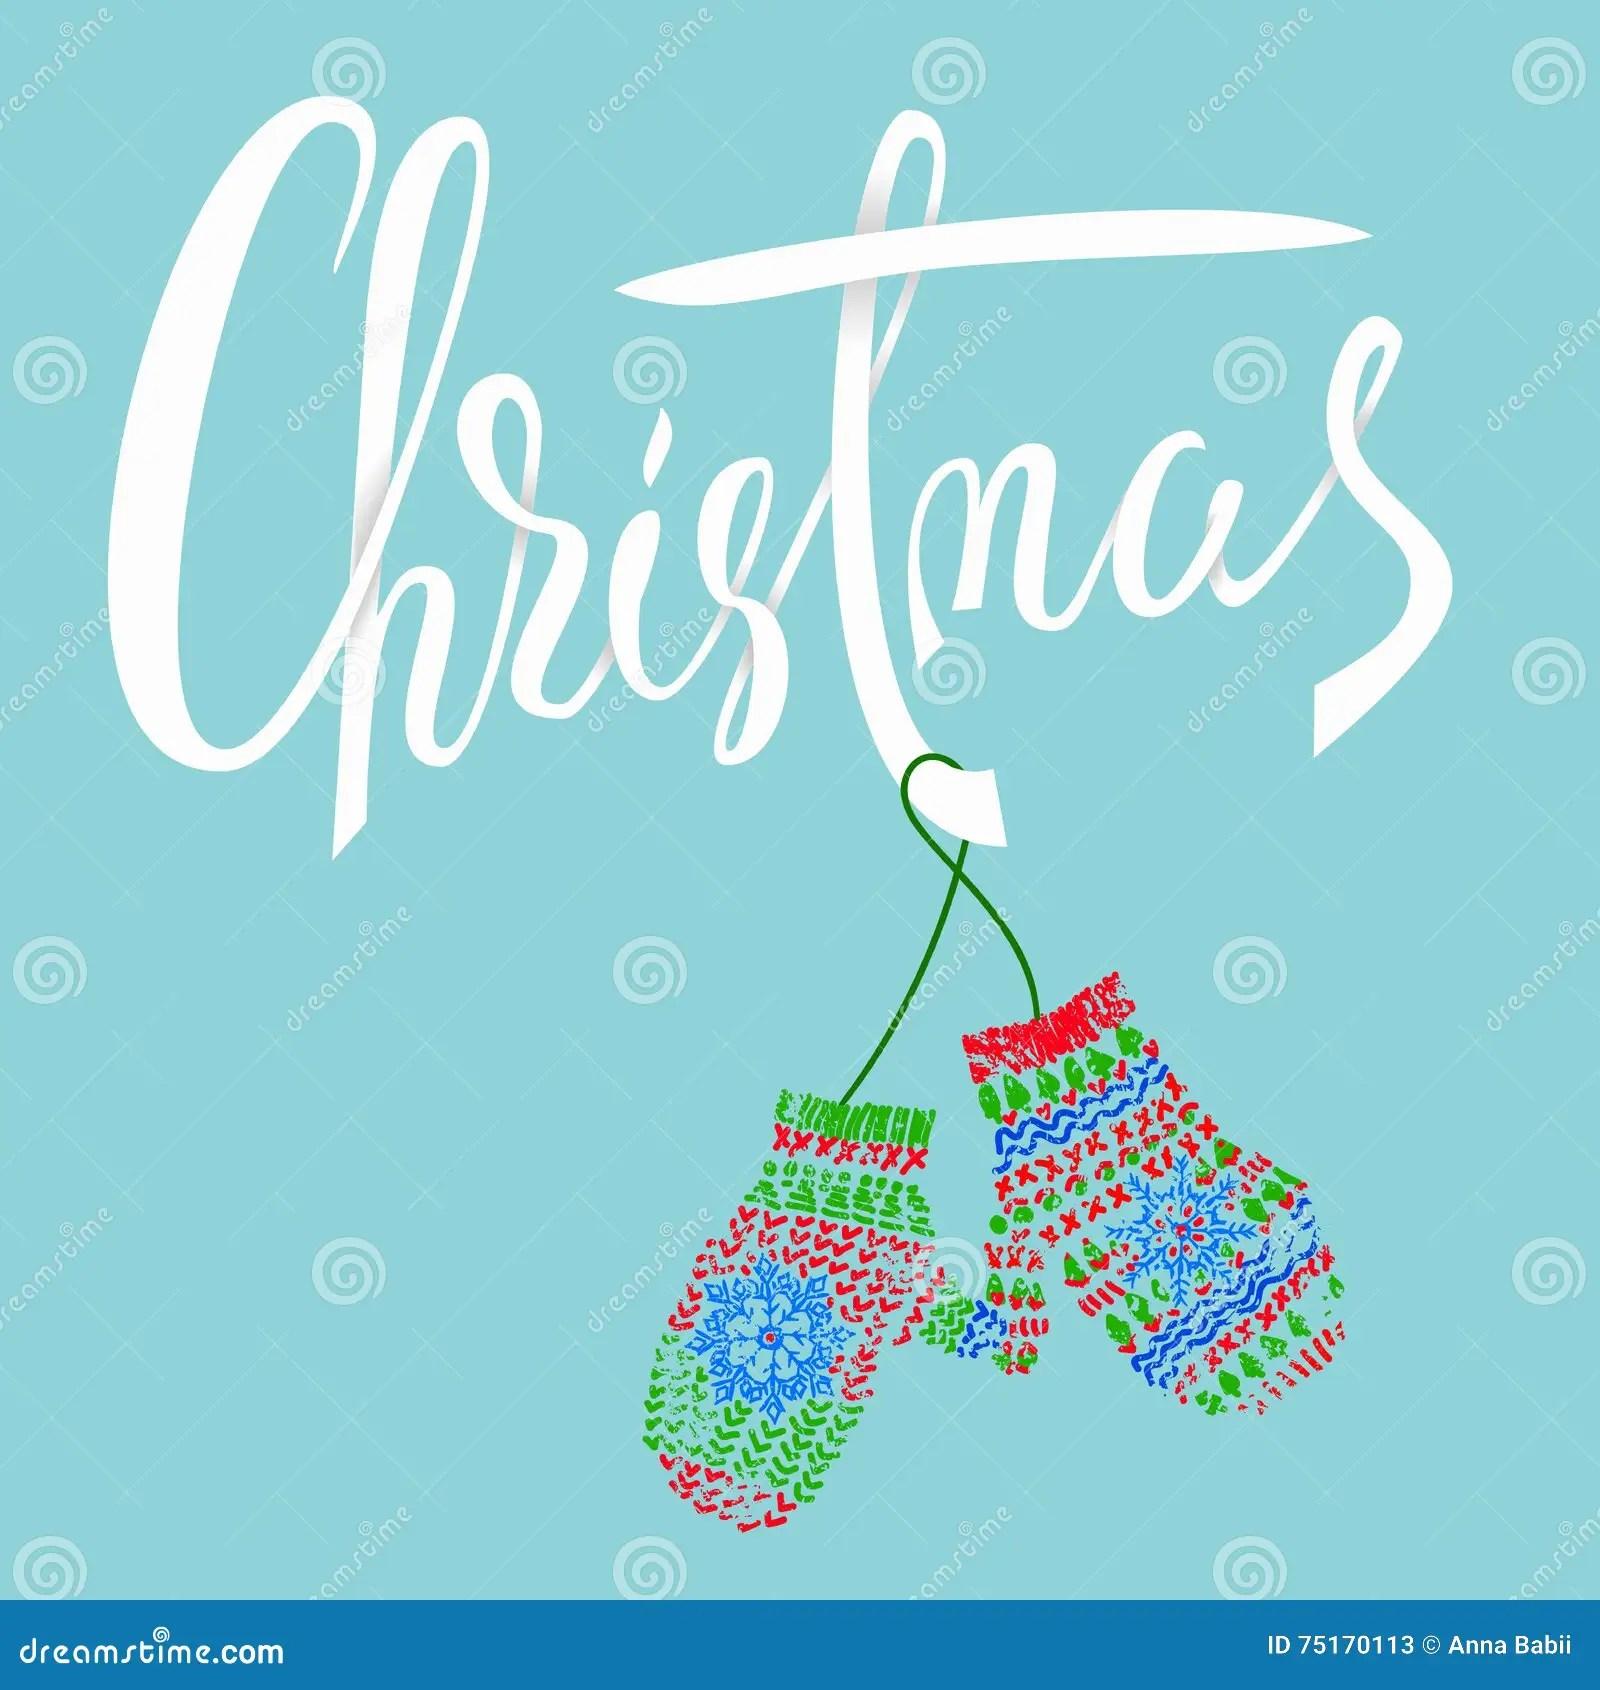 Christmas Modern Calligraphy For Christmas Cards And